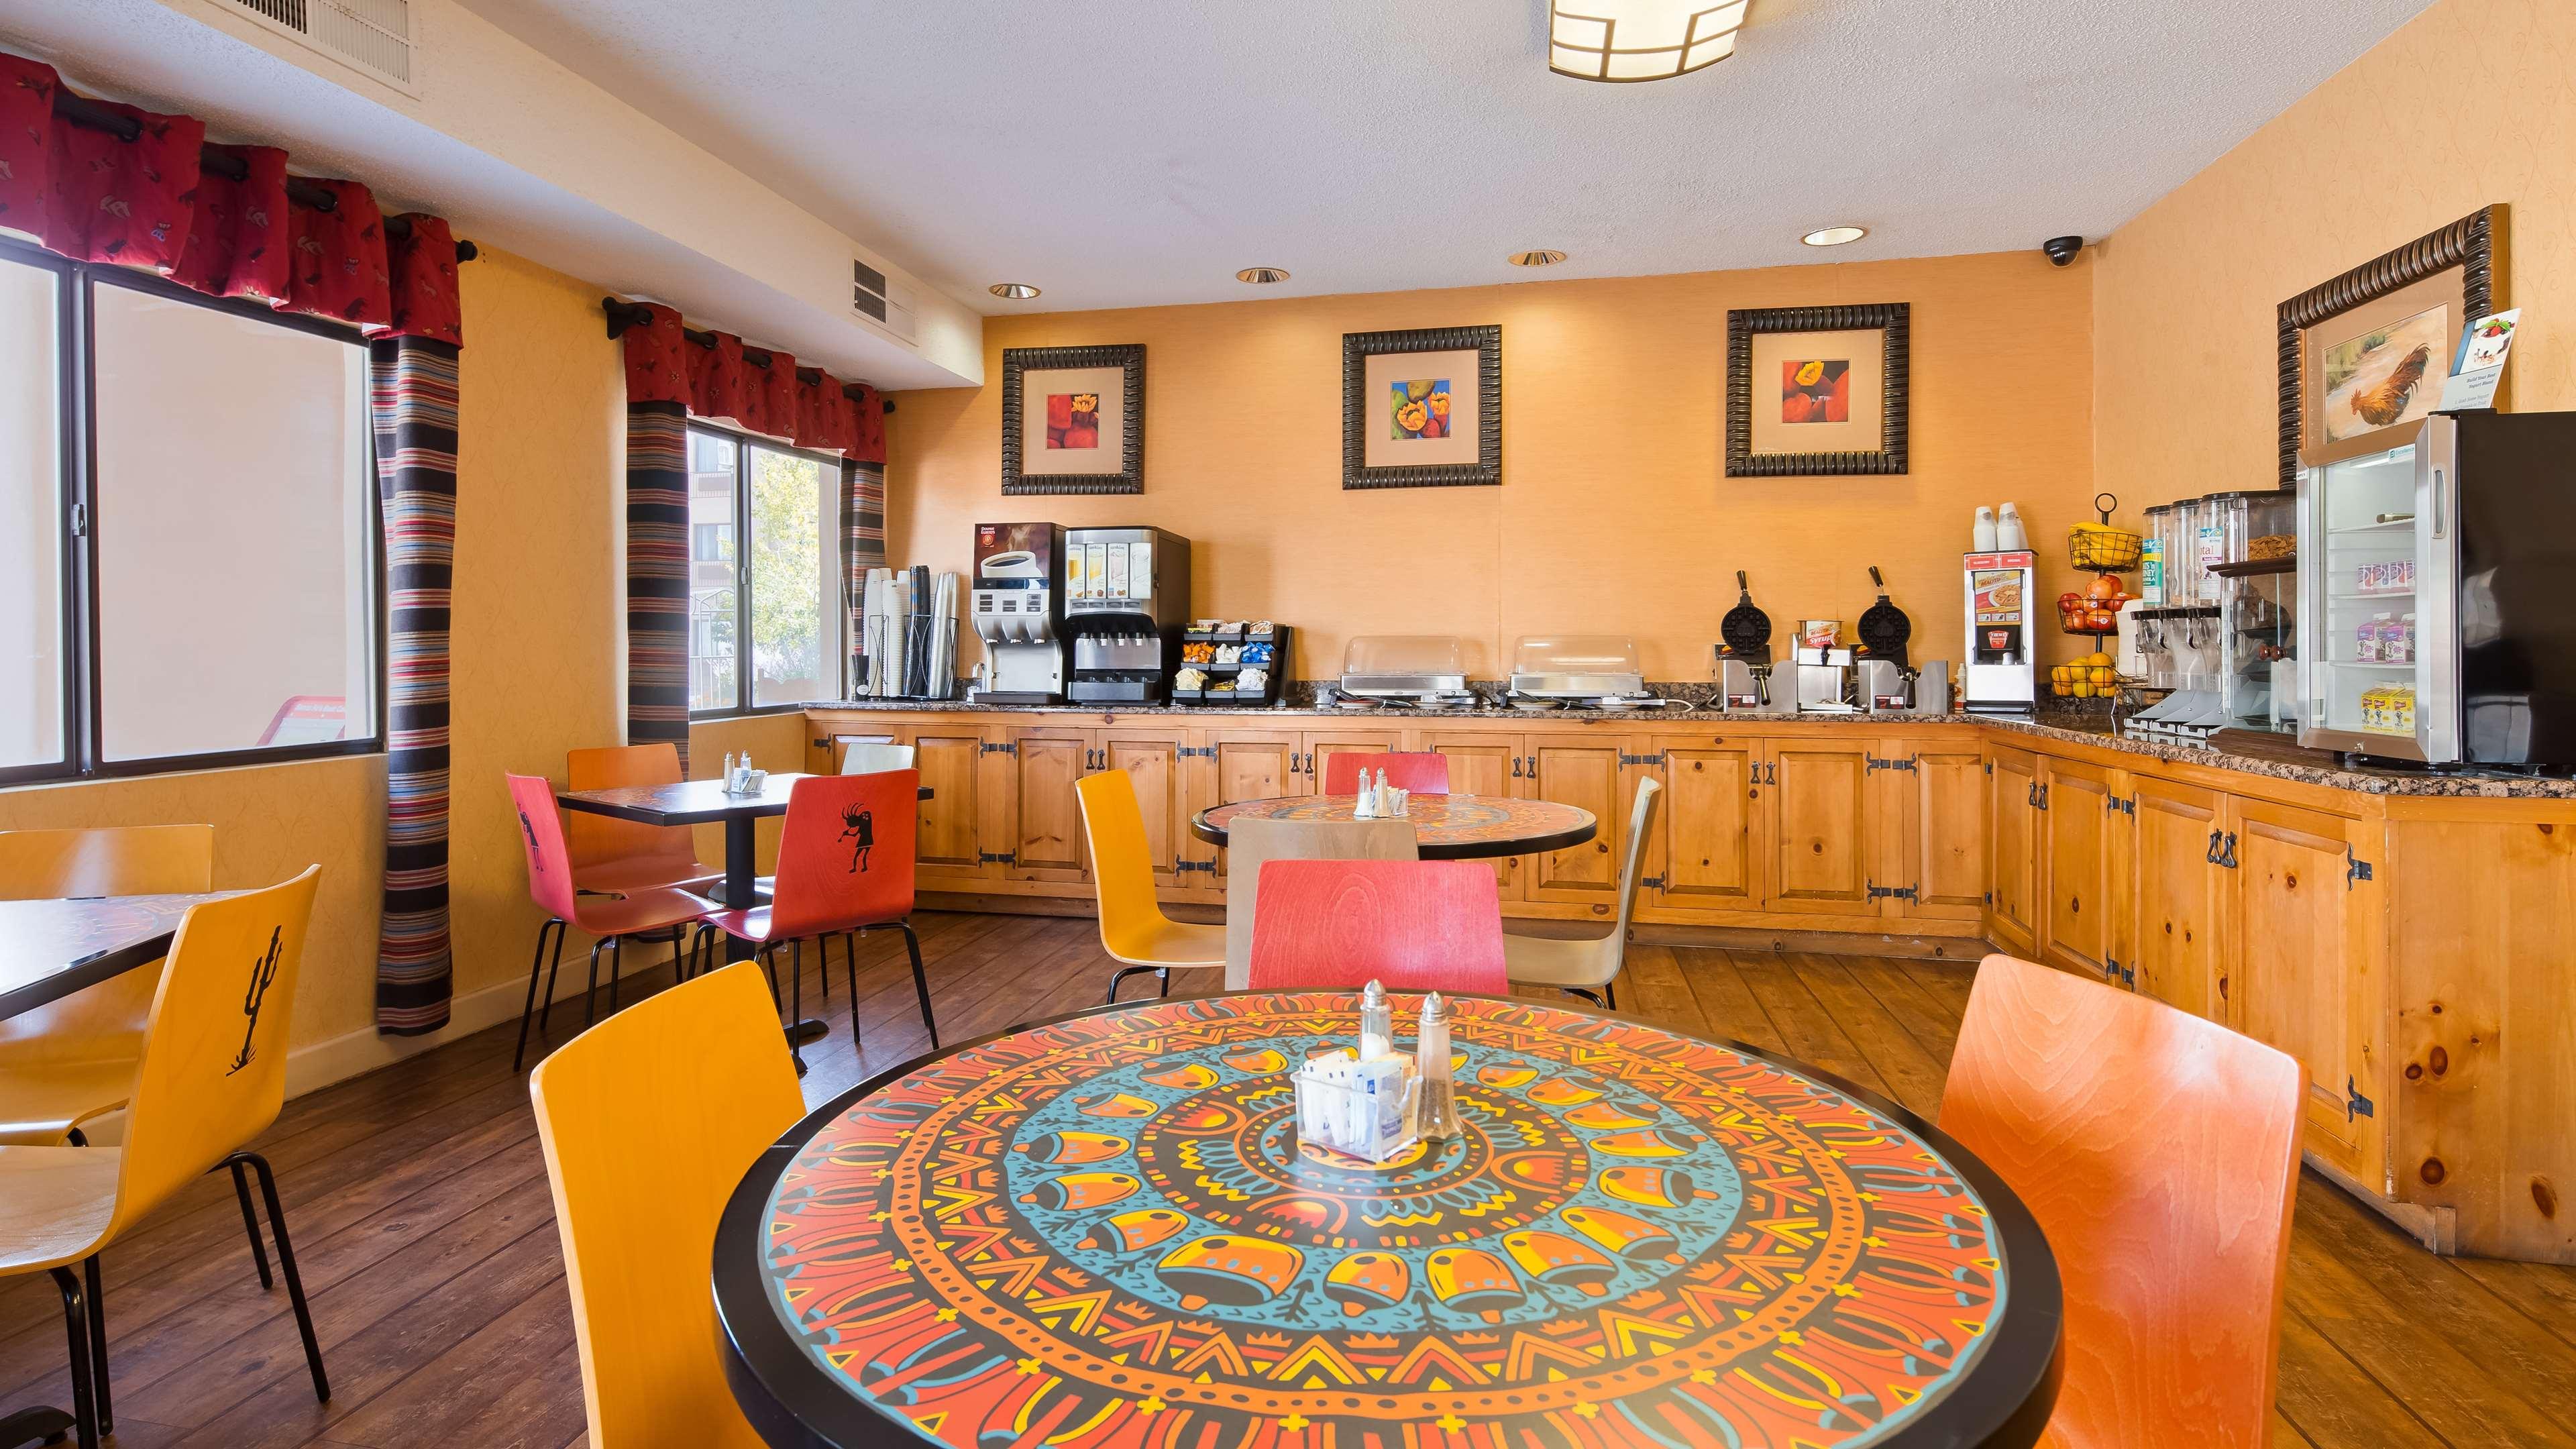 Best Western Plus Inn of Santa Fe image 24